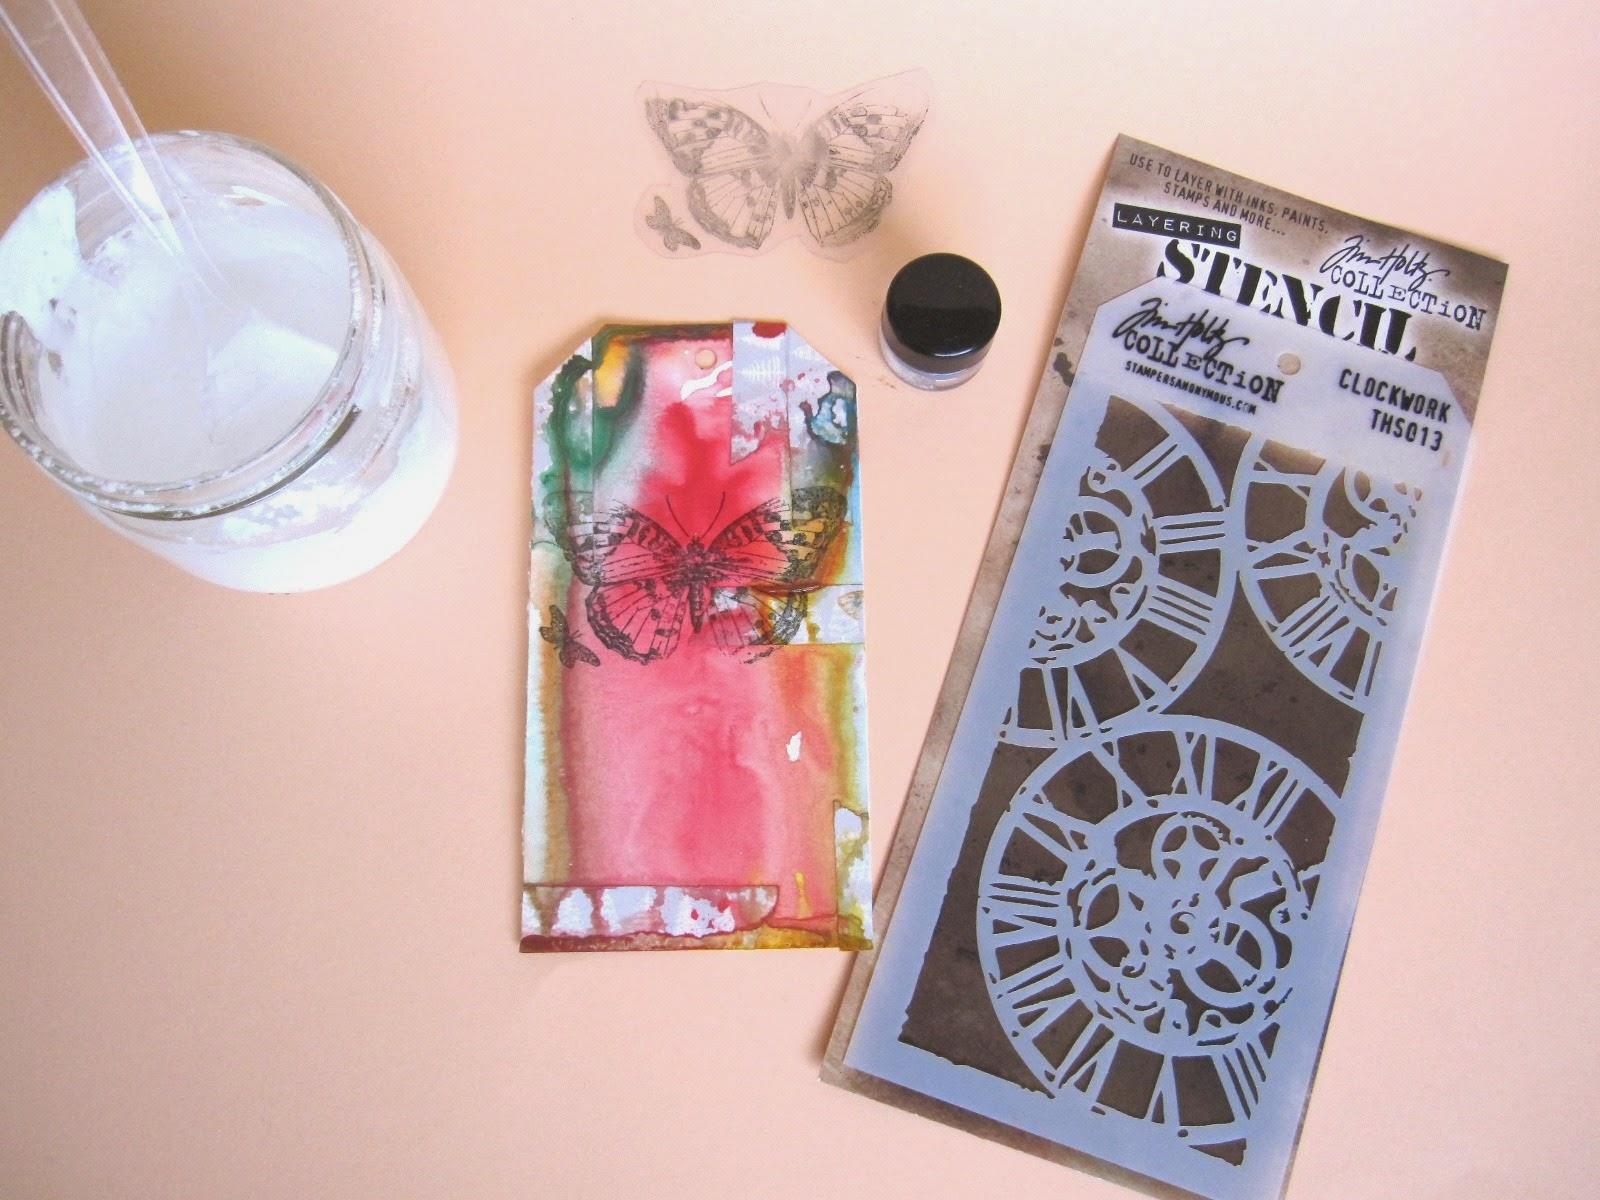 tercer paso tag marzo Celebrating Springtime: tag con embossing de mariposa, polvos emboss color azul, pasta de modelar casera y Stencil Tim Holtz Clockwork